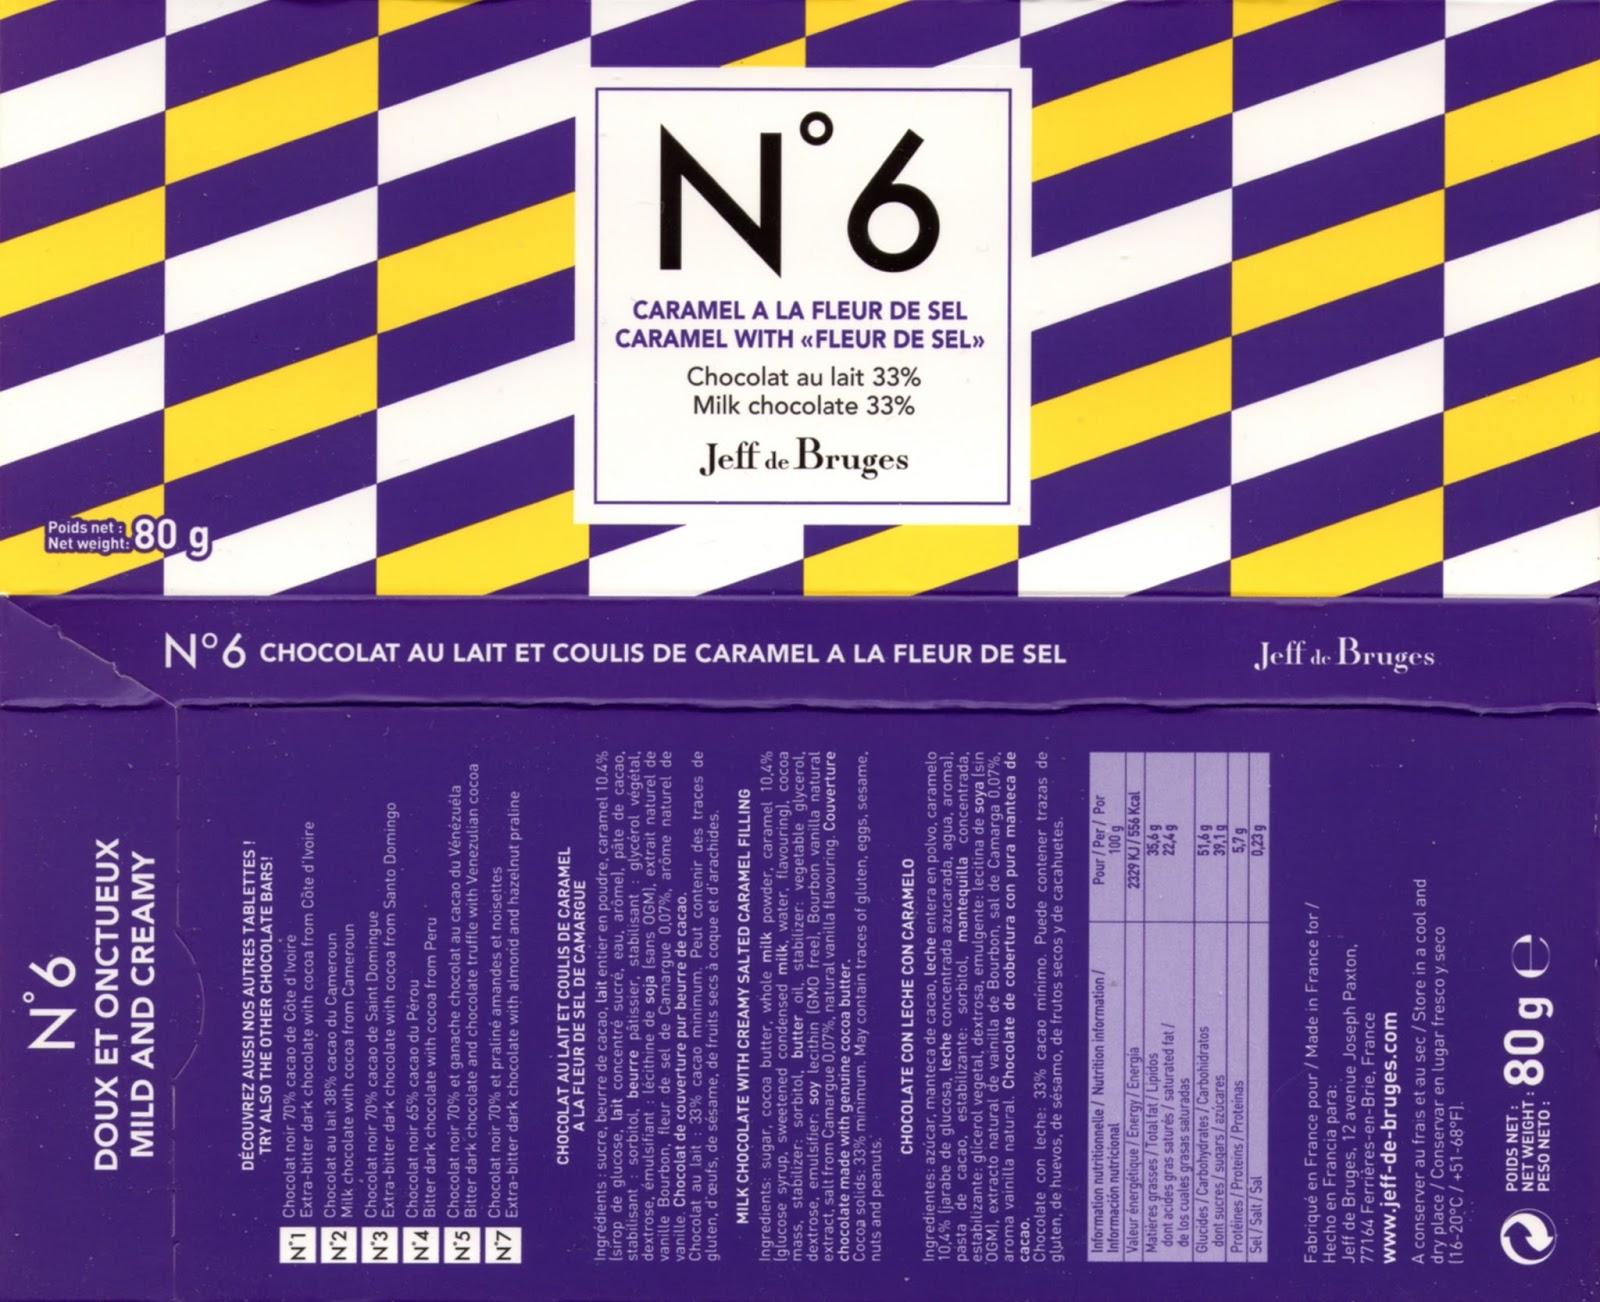 tablette de chocolat lait gourmand jeff de bruges n° 6 coulis de caramel à la fleur de sel 33